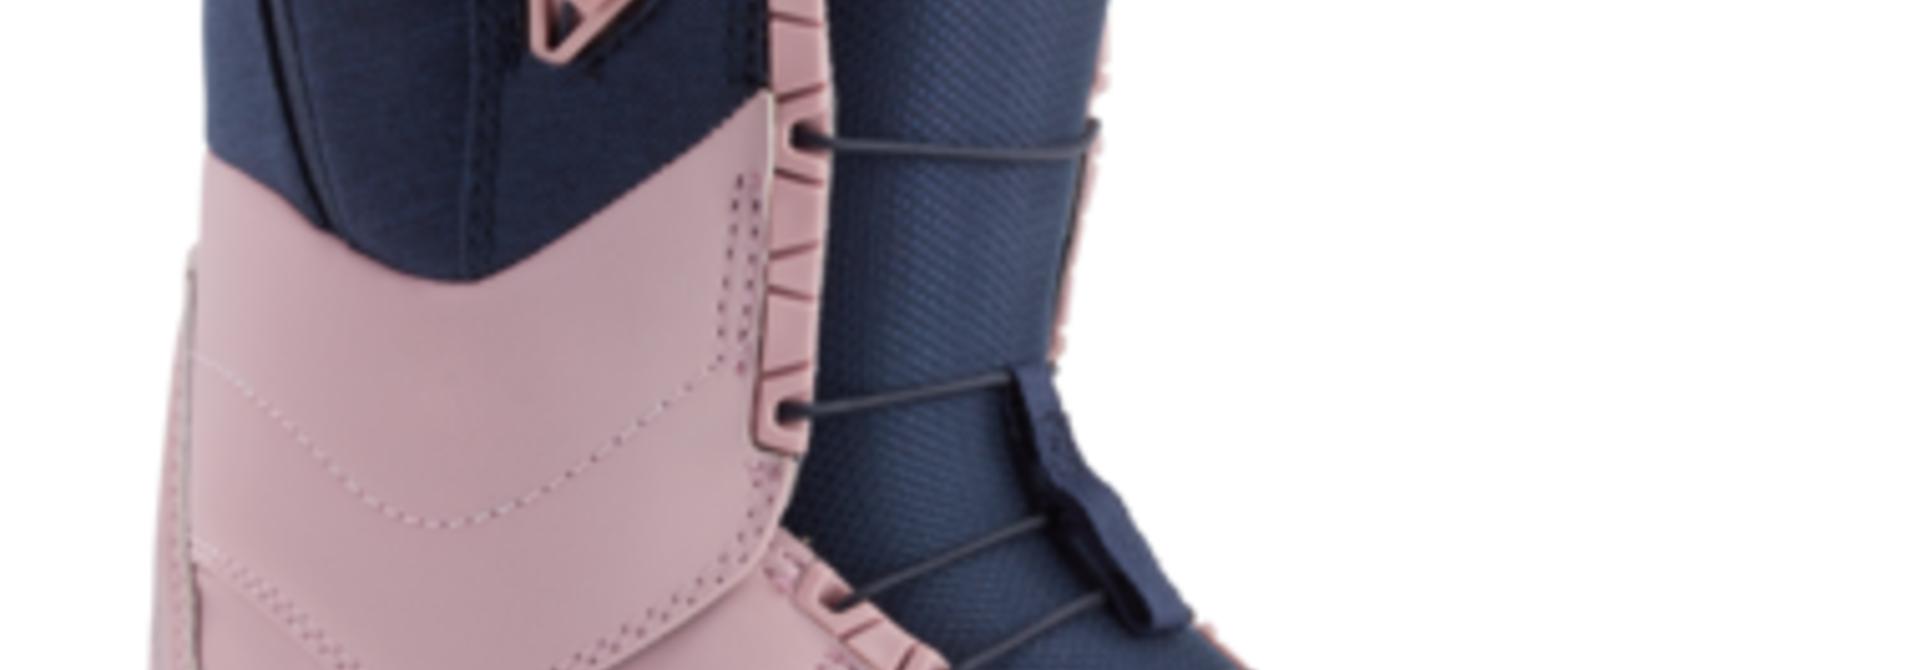 Women's Ritual Boot